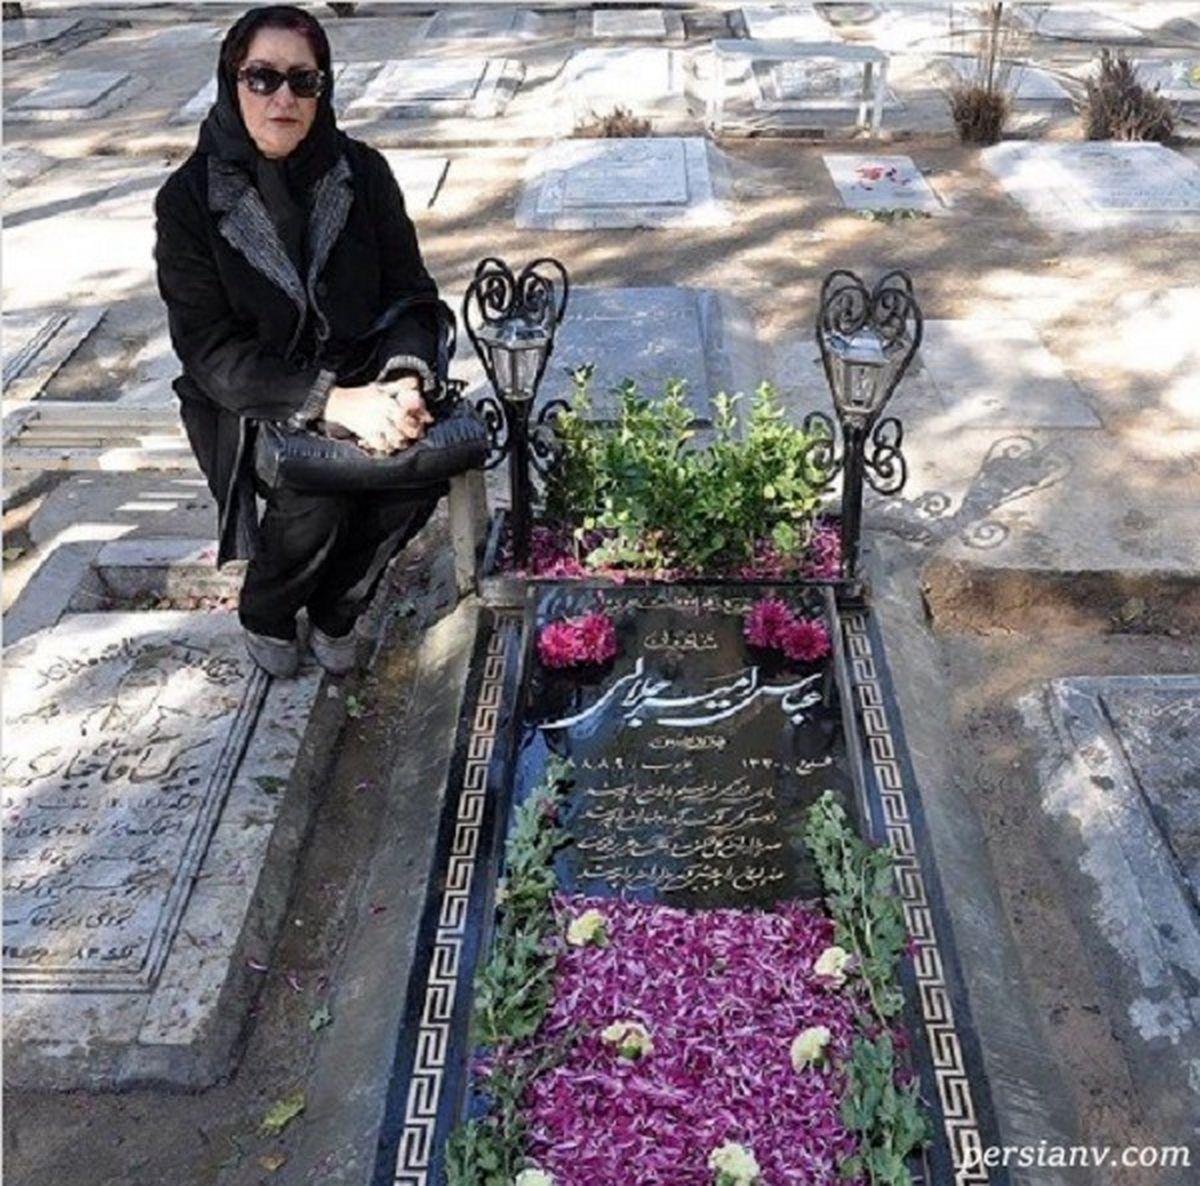 مریم امیرجلالی کنار مزار برادرش +عکس